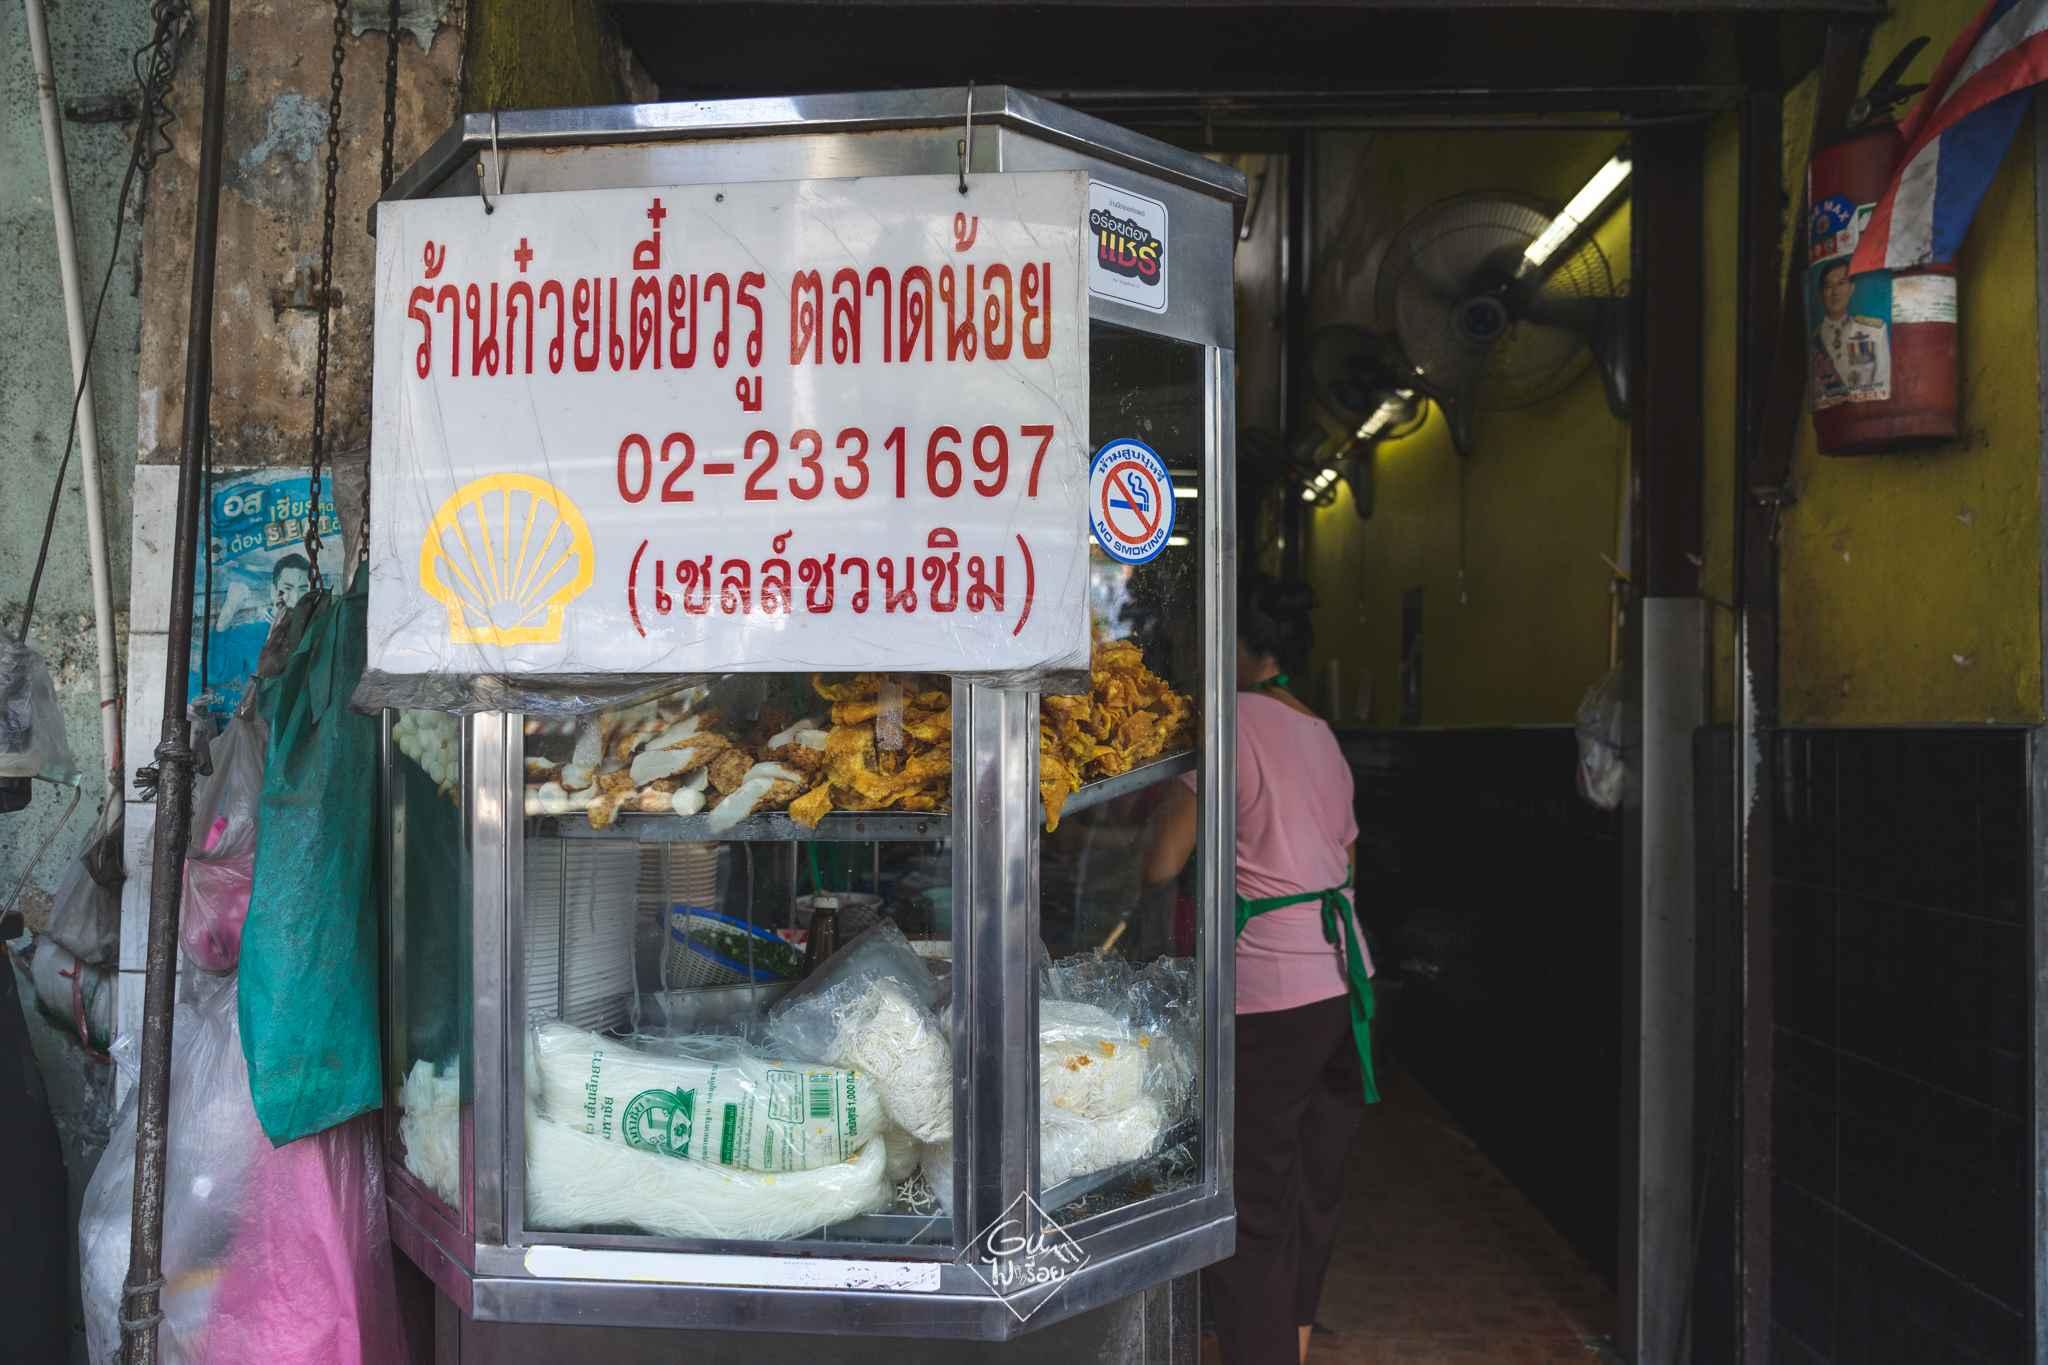 ที่เที่ยวกรุงเทพ เที่ยวกรุงเทพ ตลาดน้อย ตลาดน้อย เจริญกรุง